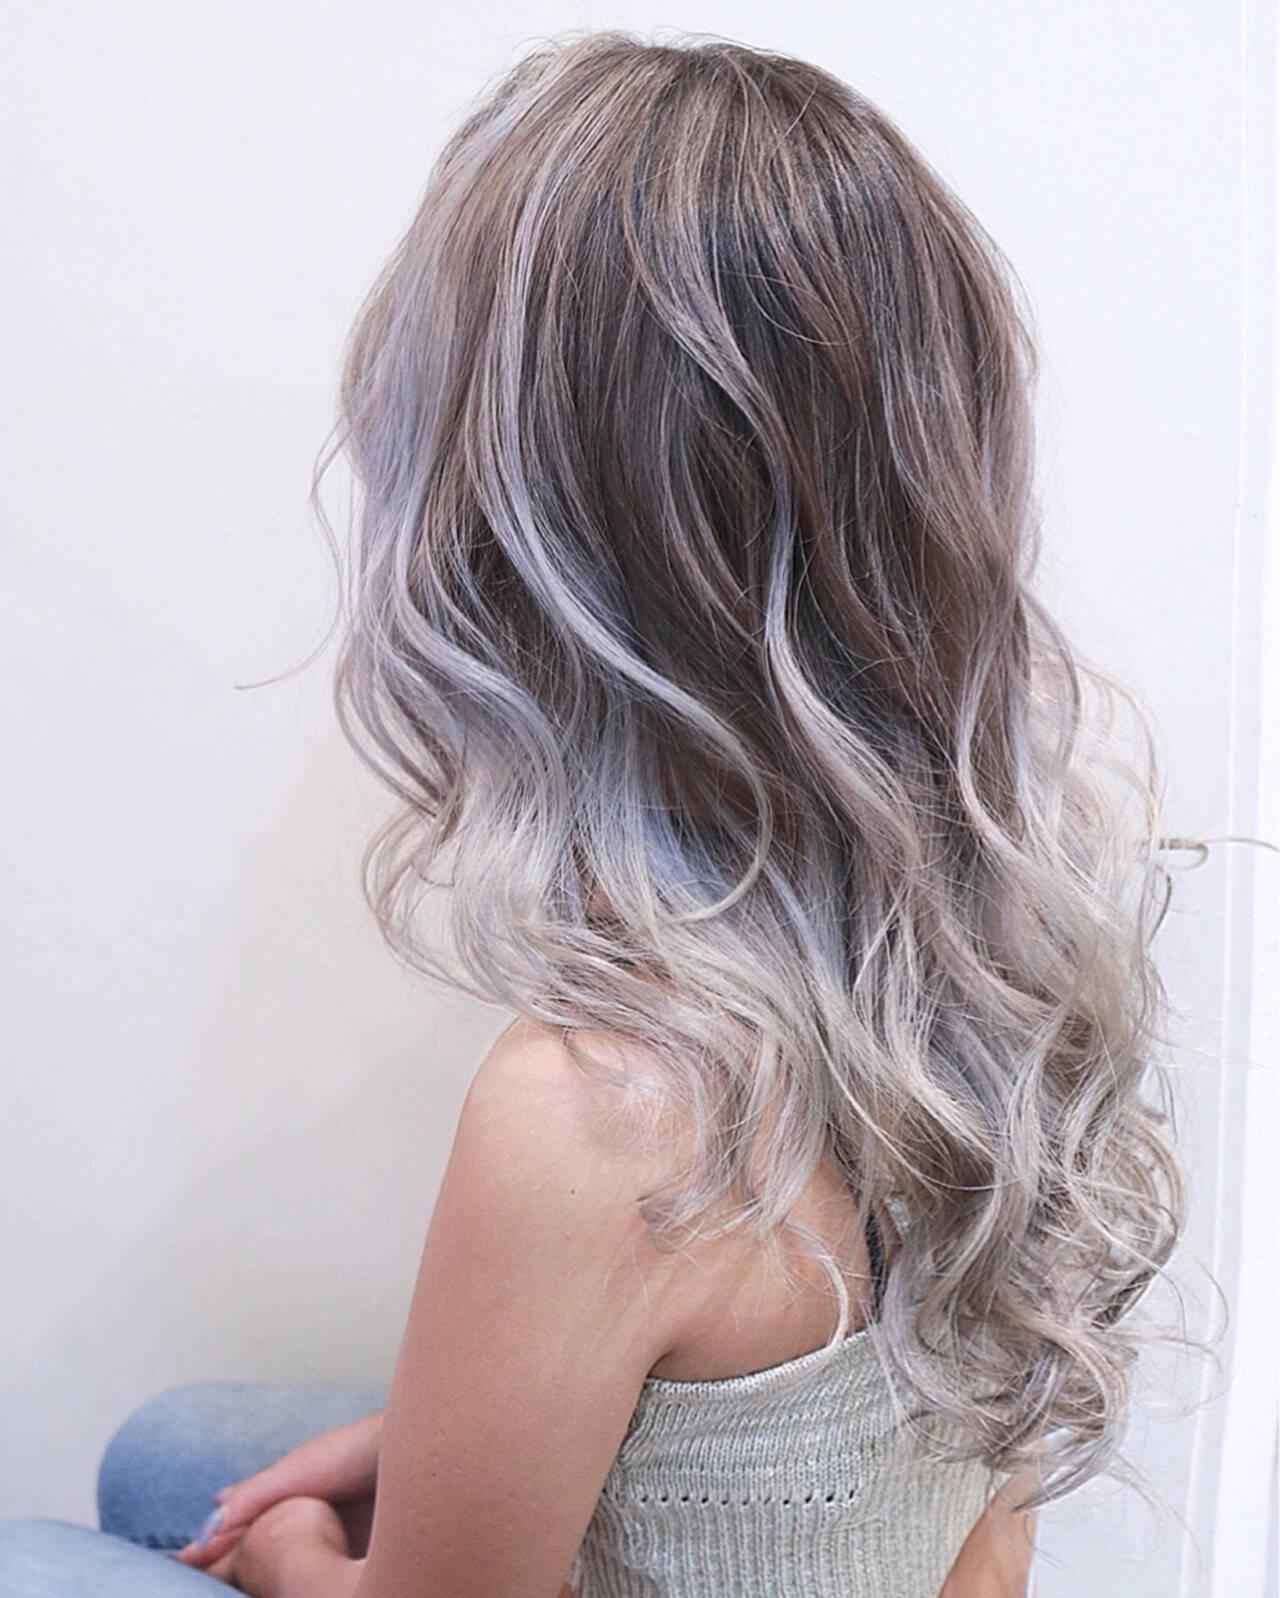 バレイヤージュ ハイライト 透明感 ナチュラルヘアスタイルや髪型の写真・画像